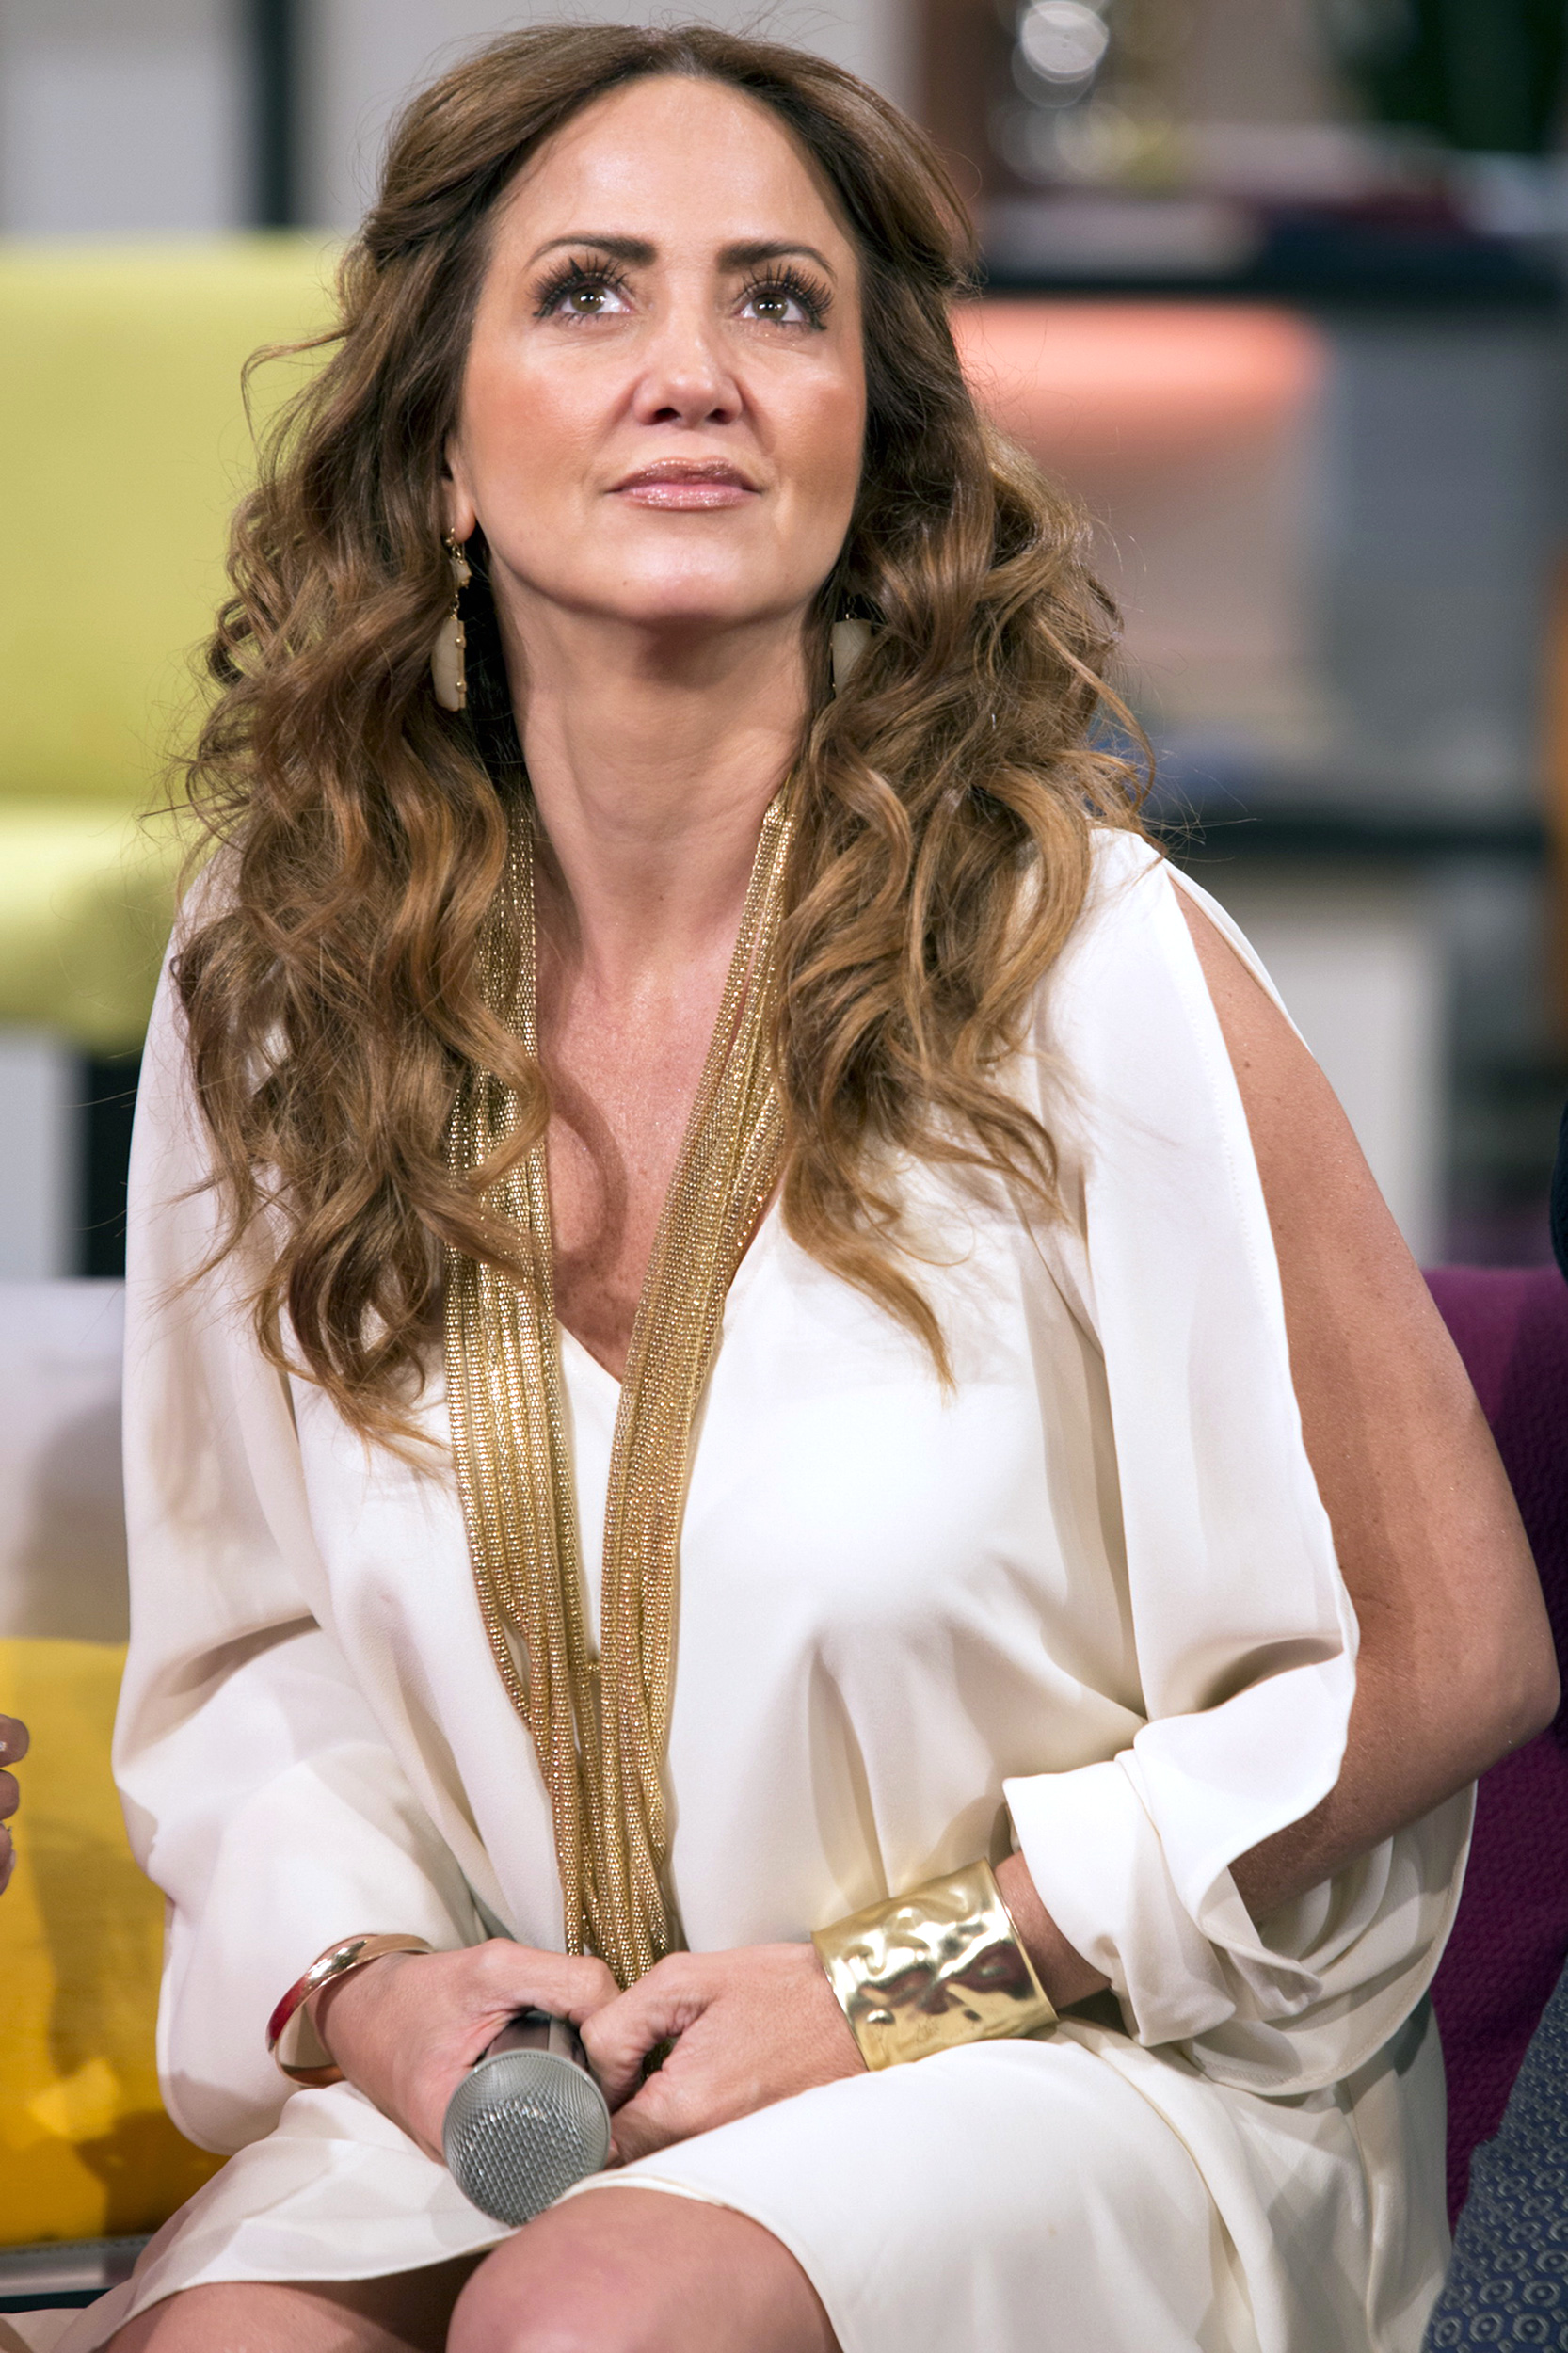 Andrea Legarreta Cojiendo el nuevo look de andrea legarreta | people en español